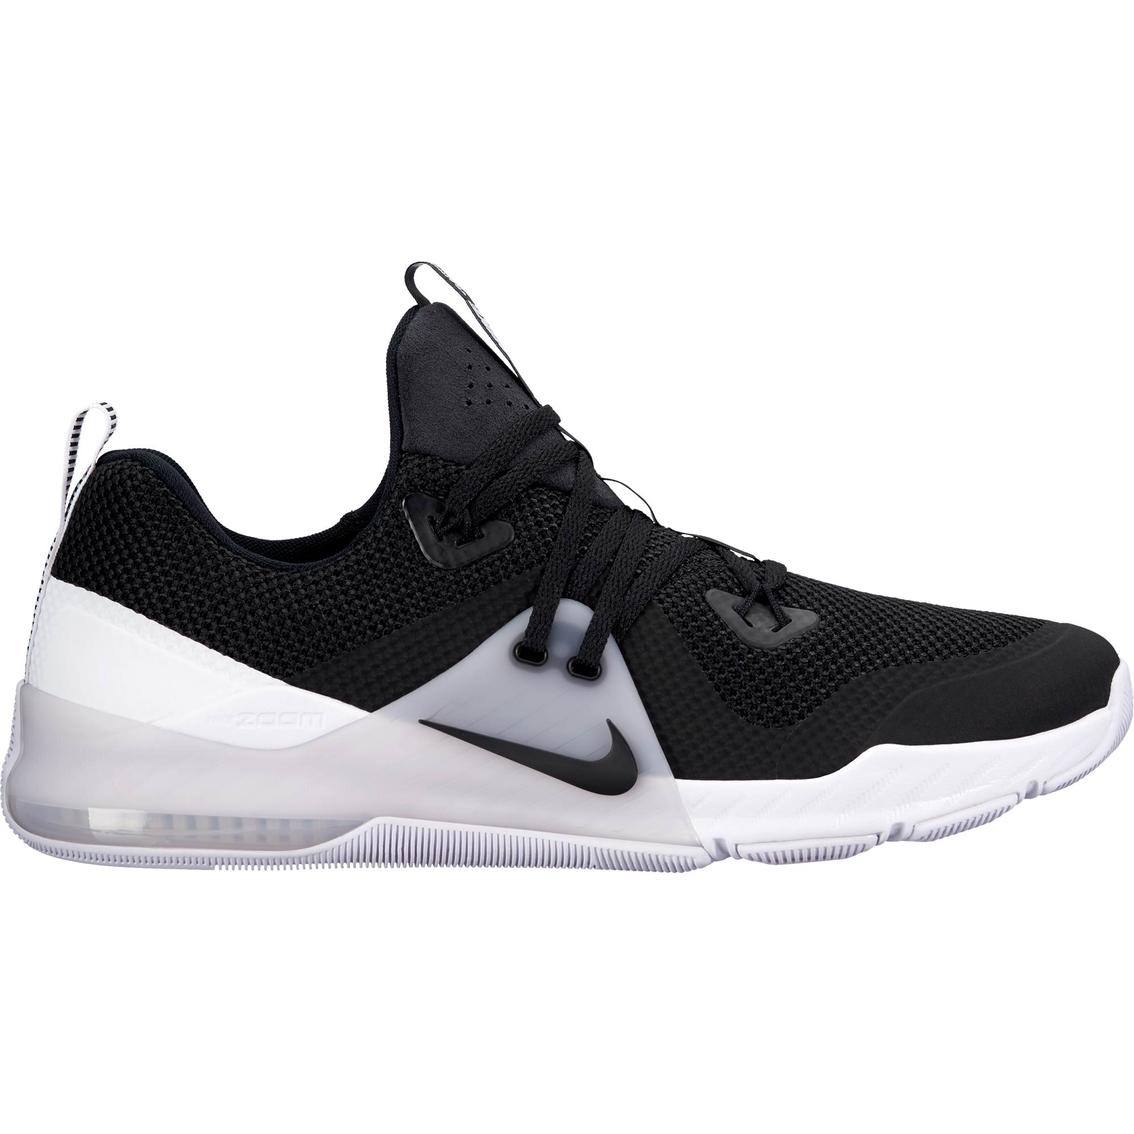 abbdcfa63ae84 Nike Men s Zoom Train Command Training Shoes